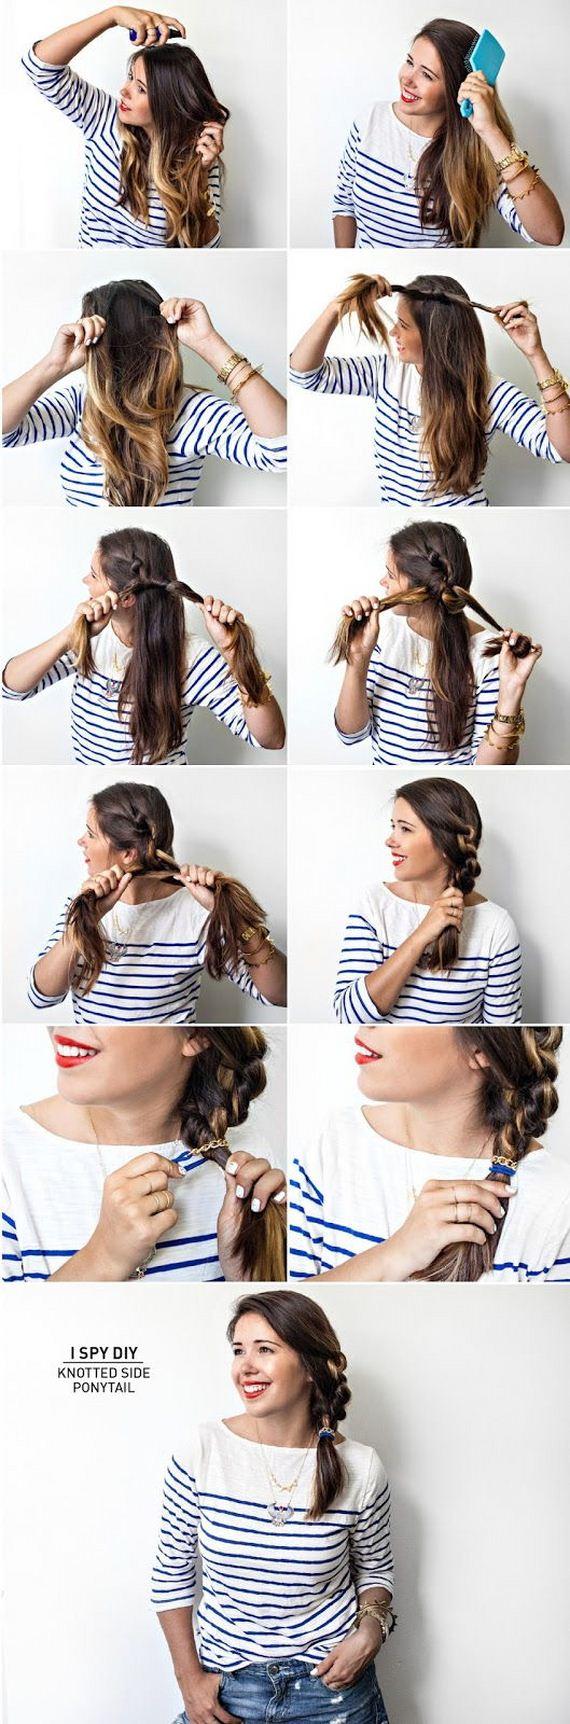 Прическа волосы на бок шаг за шагом